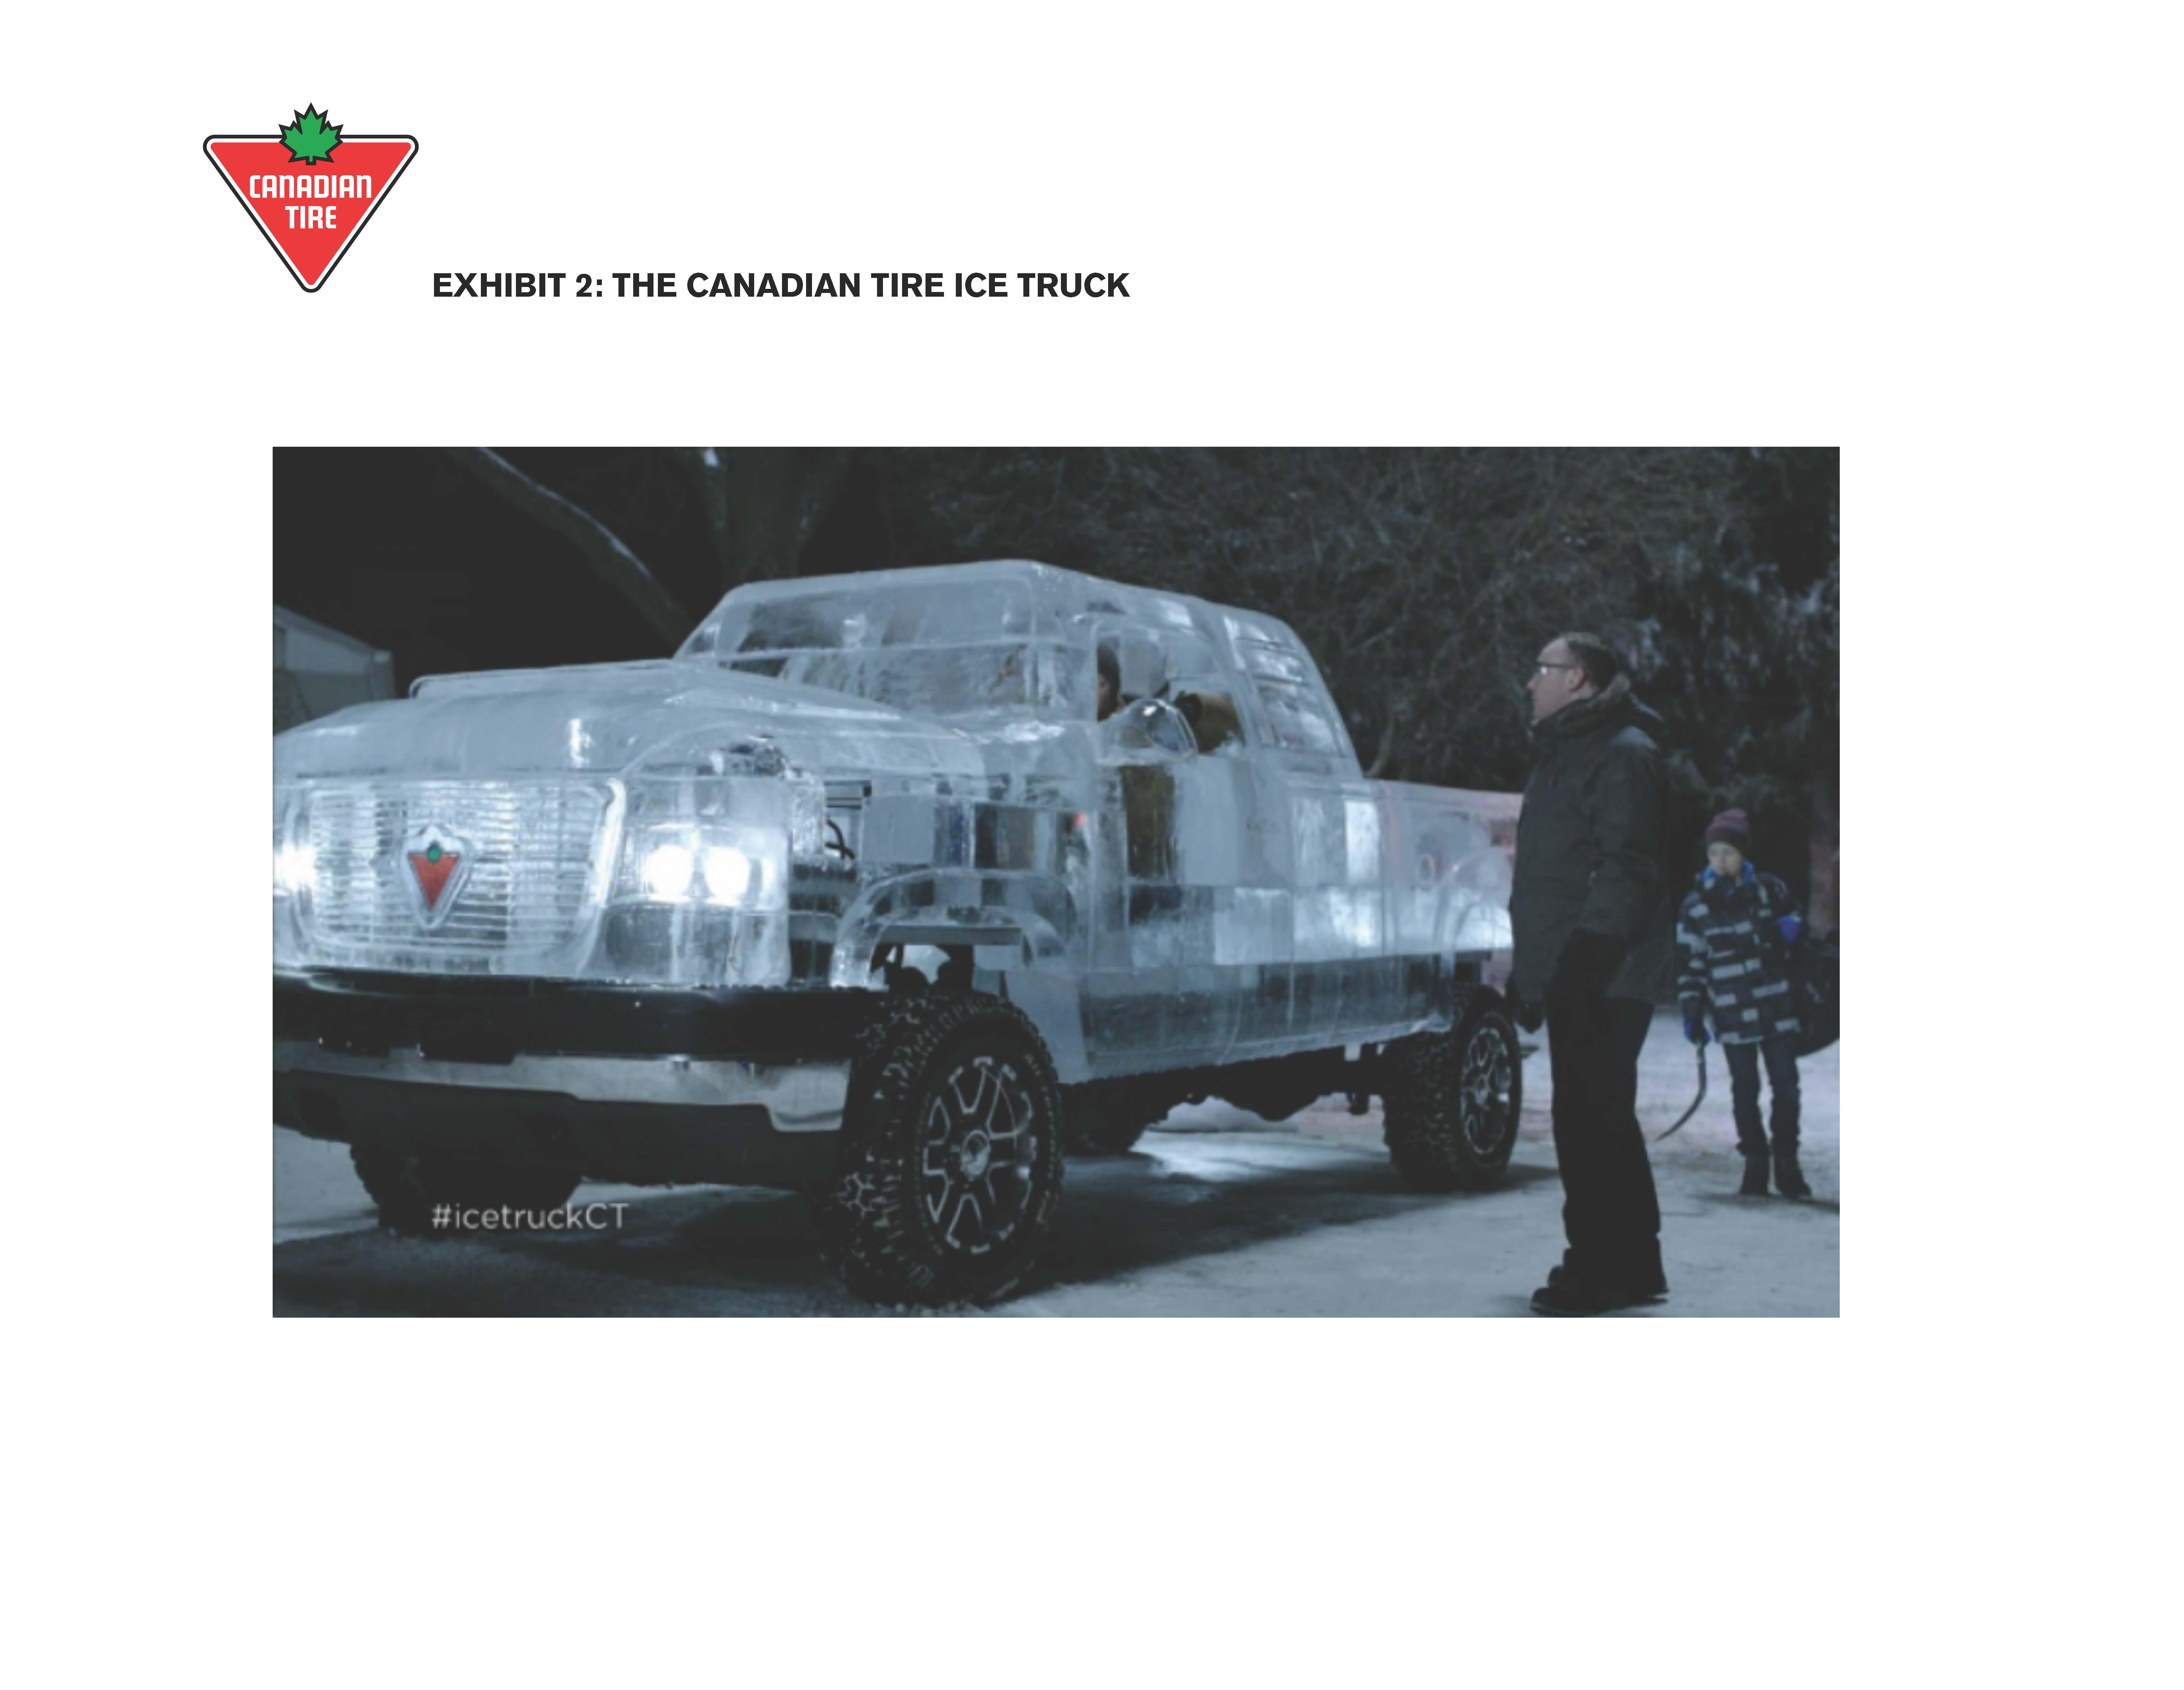 17809_Ice_Truck_Exhibit_2